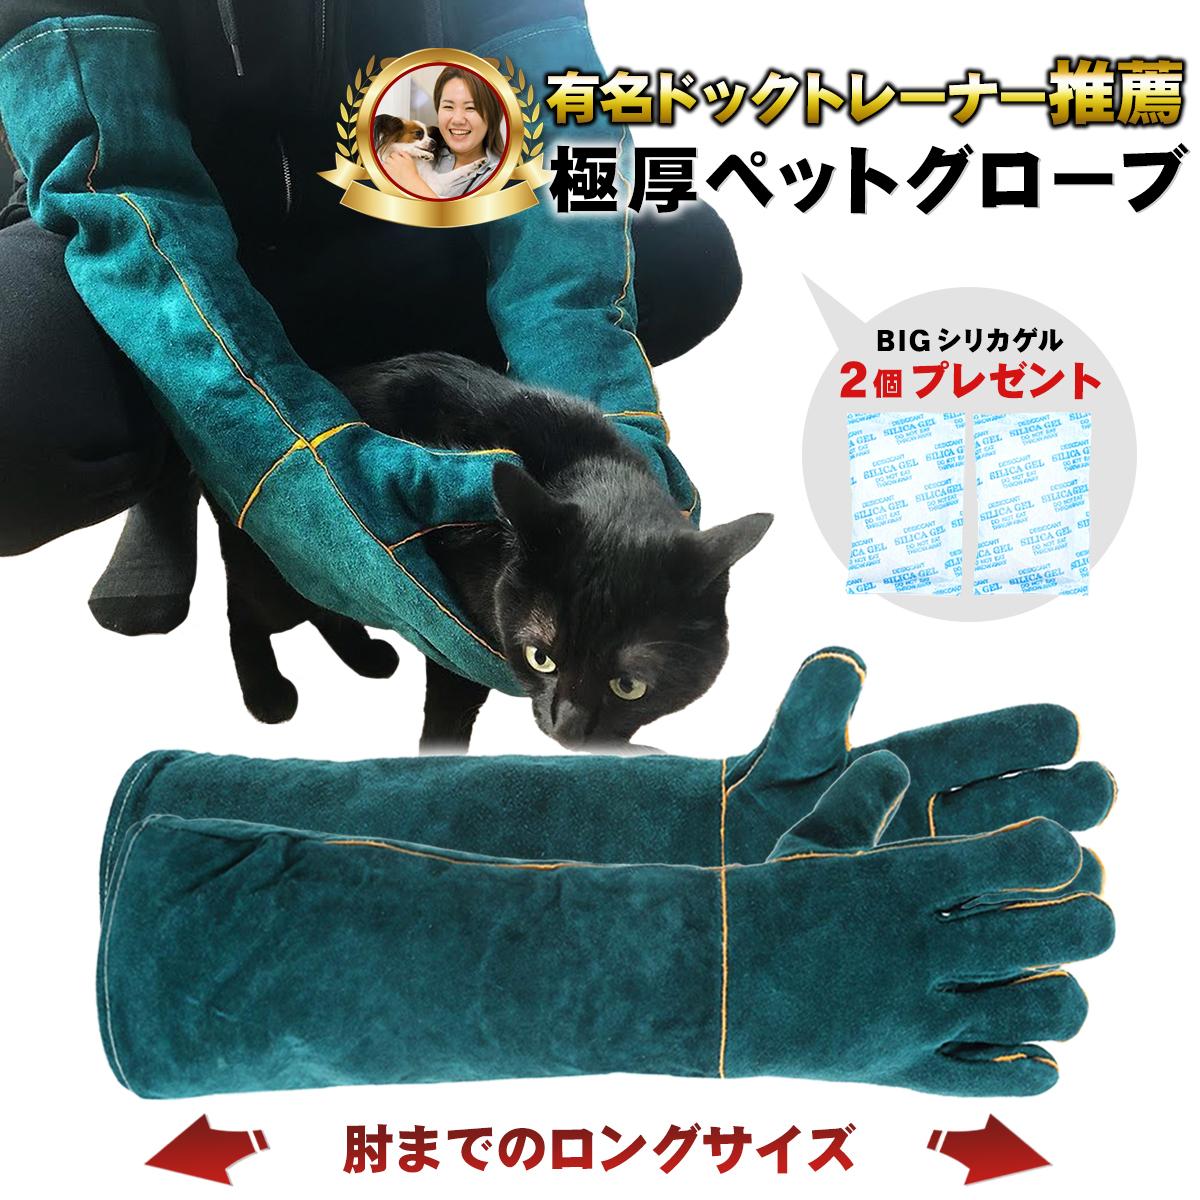 傷「防御」手袋! [和田工業] [有名ドッグトレーナー推薦] ペットグローブ 噛みつき 引っかき 牛革 厚手 保護手袋 犬 猫 爬虫類 園芸 耐摩耗性 耐熱性 ロング 肘